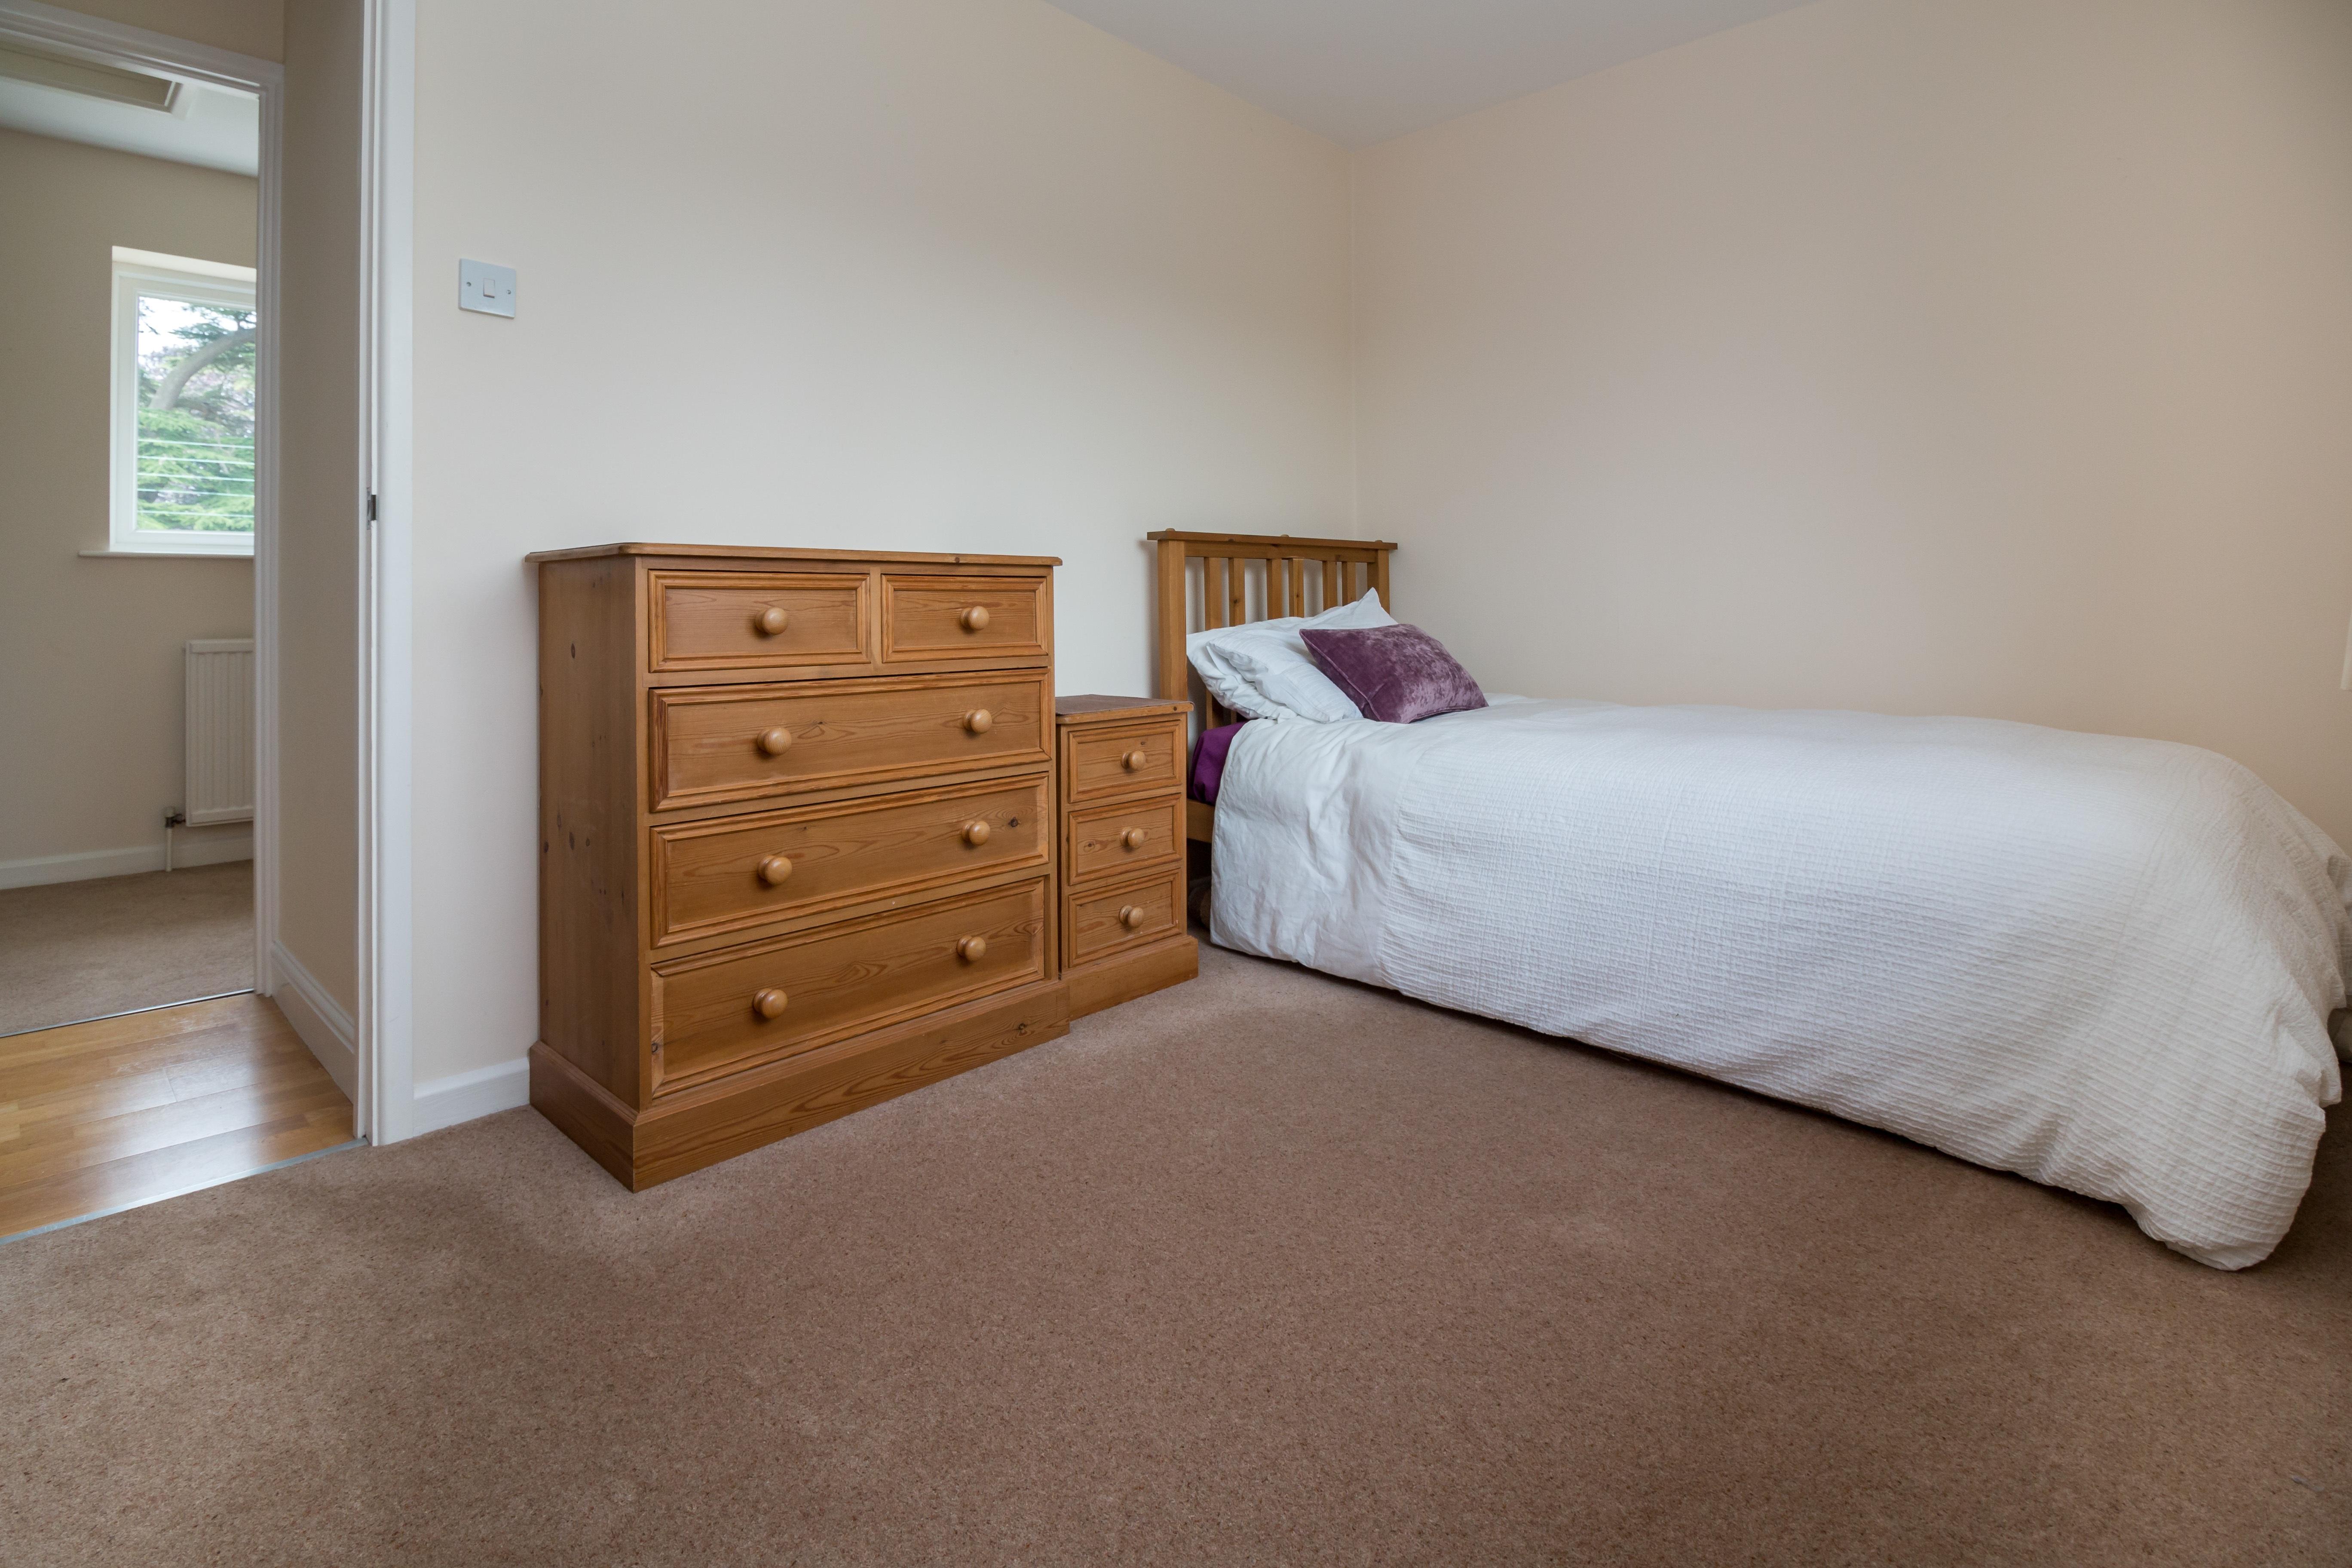 Fotos gratis : casa, piso, propiedad, mueble, habitación, Cuarto ...